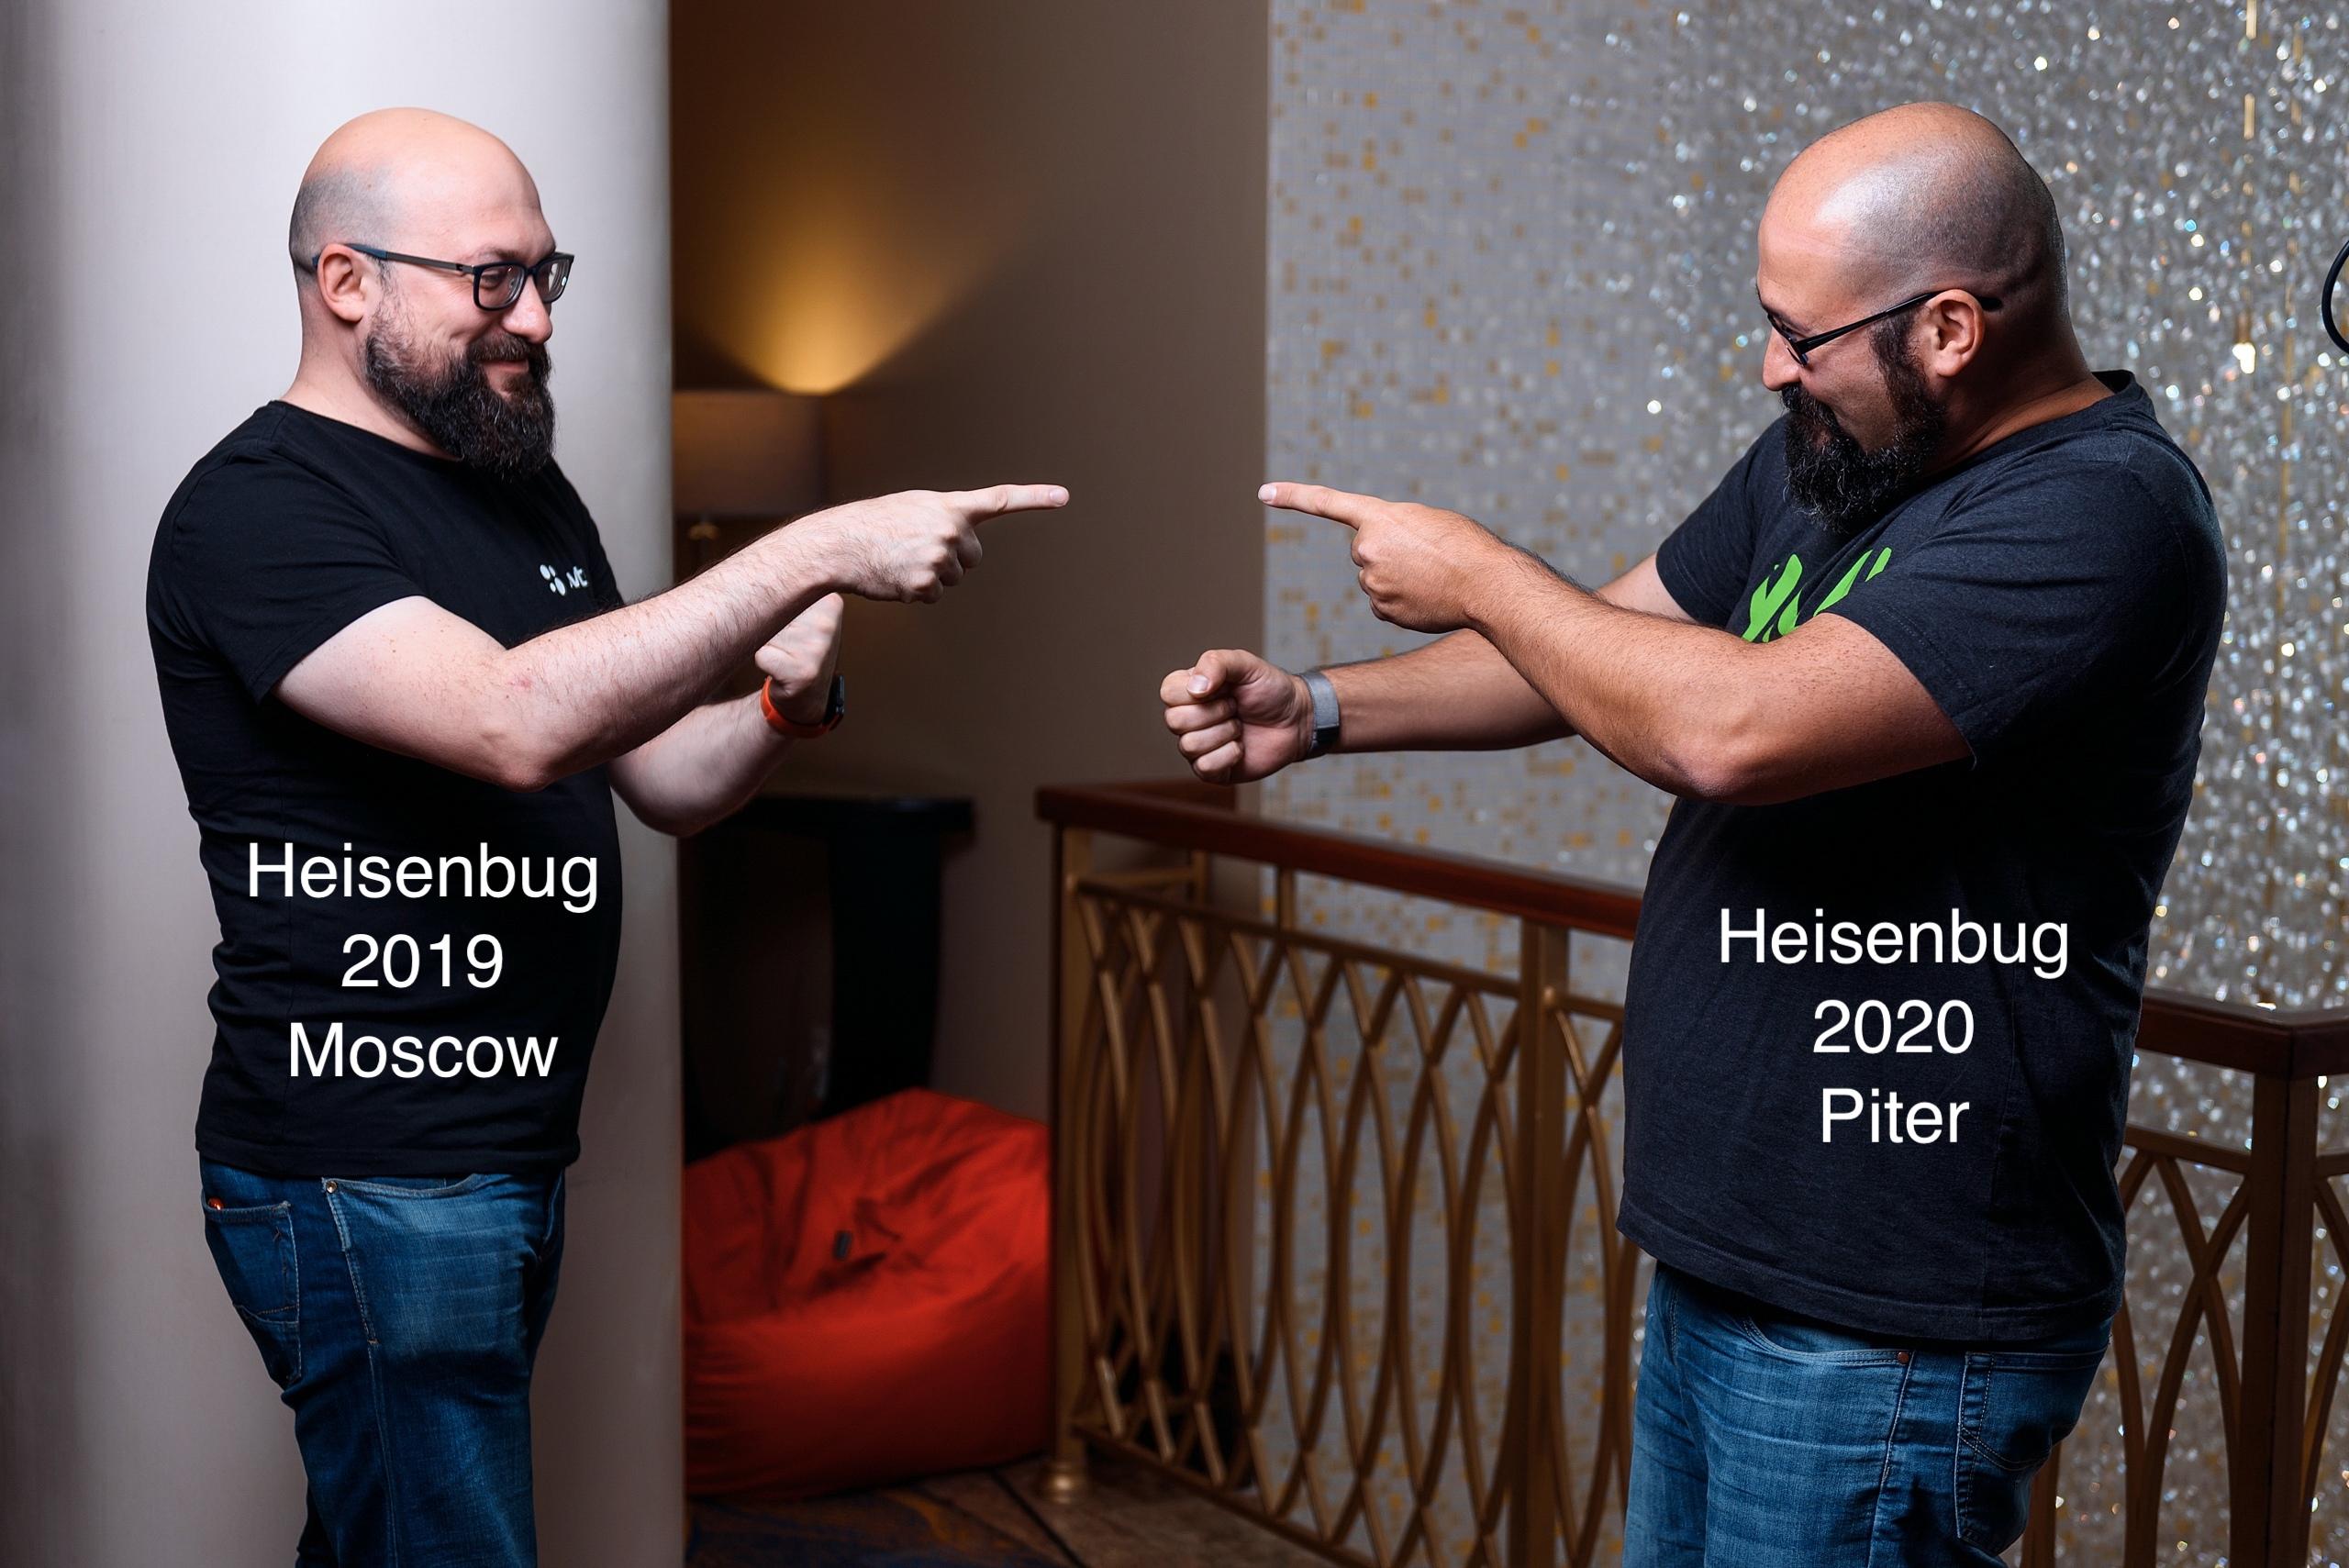 AI против тестировщиков, Брандашмыг, уточки: как прошёл Heisenbug 2019 Moscow